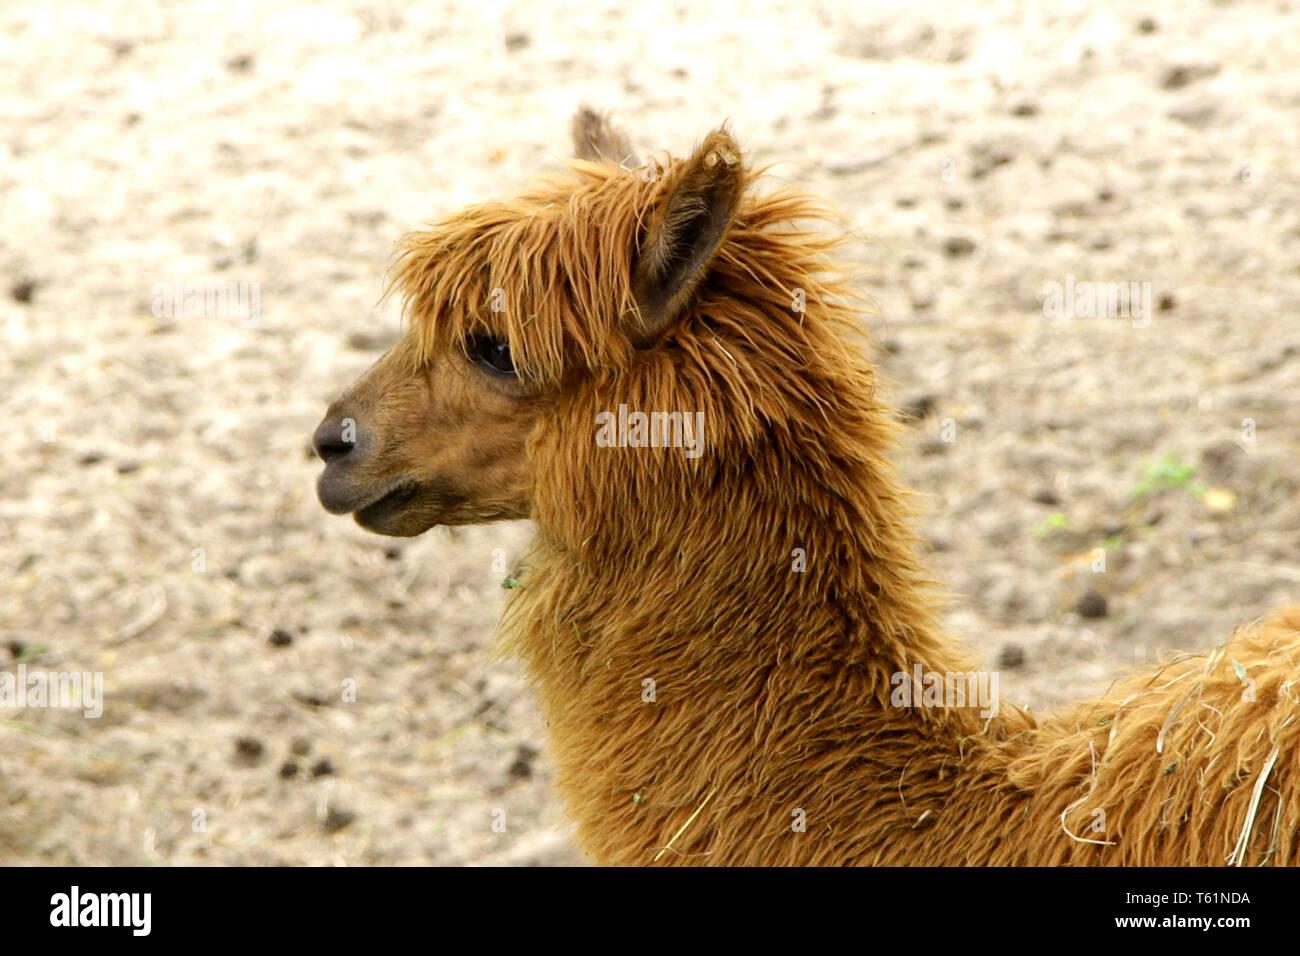 Alpaca Lama pacos wild animal - Stock Image